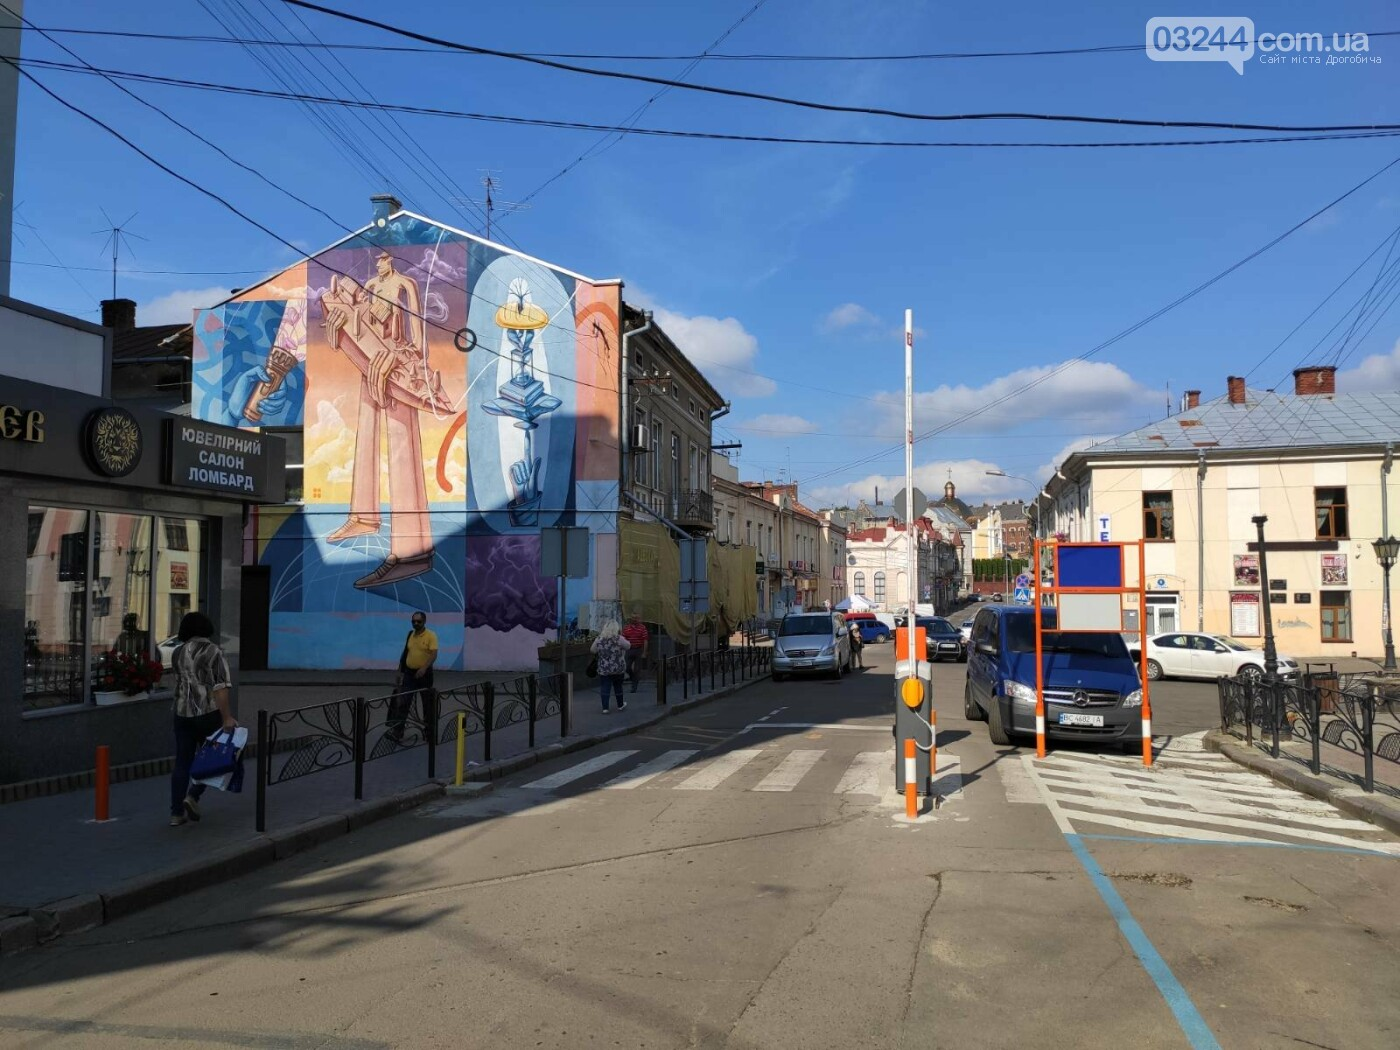 Фото дня. У Дрогобичі, на вулиці Мазепи, знову не працює шлагбаум паркувальної системи, фото-2